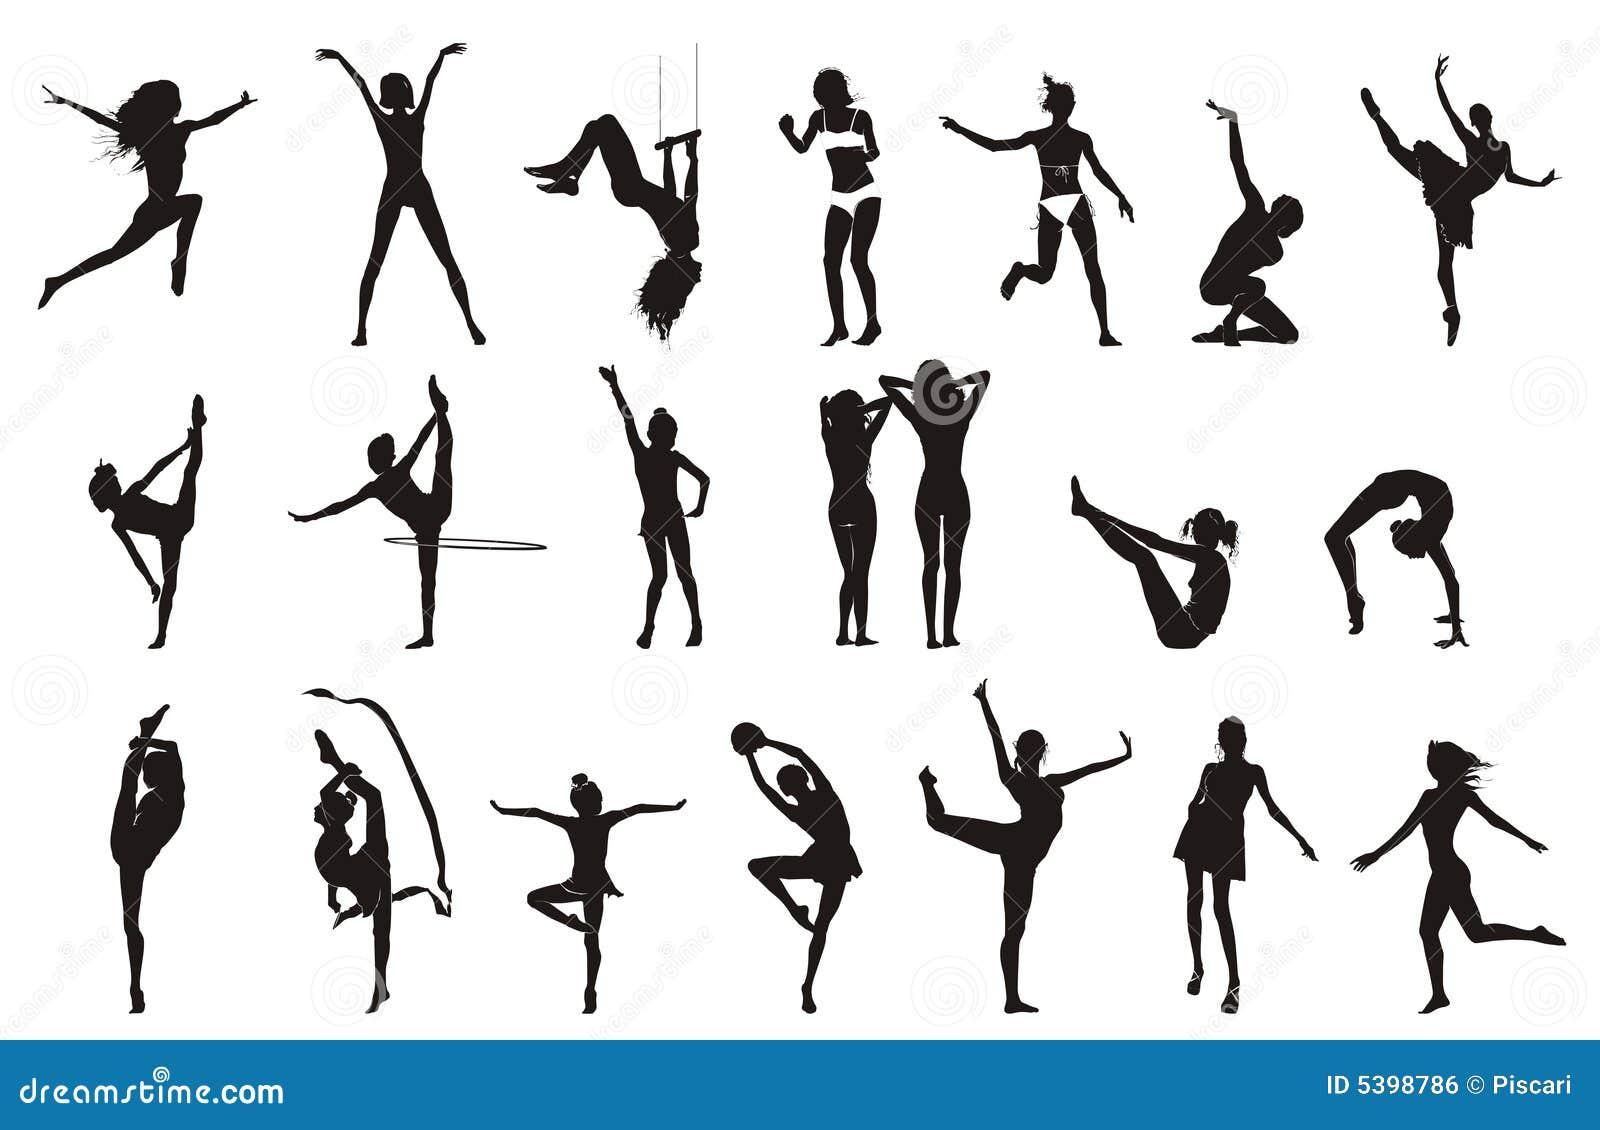 La Fitness Floor Plan Desenhos Gin 225 Sticos F 234 Meas Do Pose Imagem De Stock Royalty